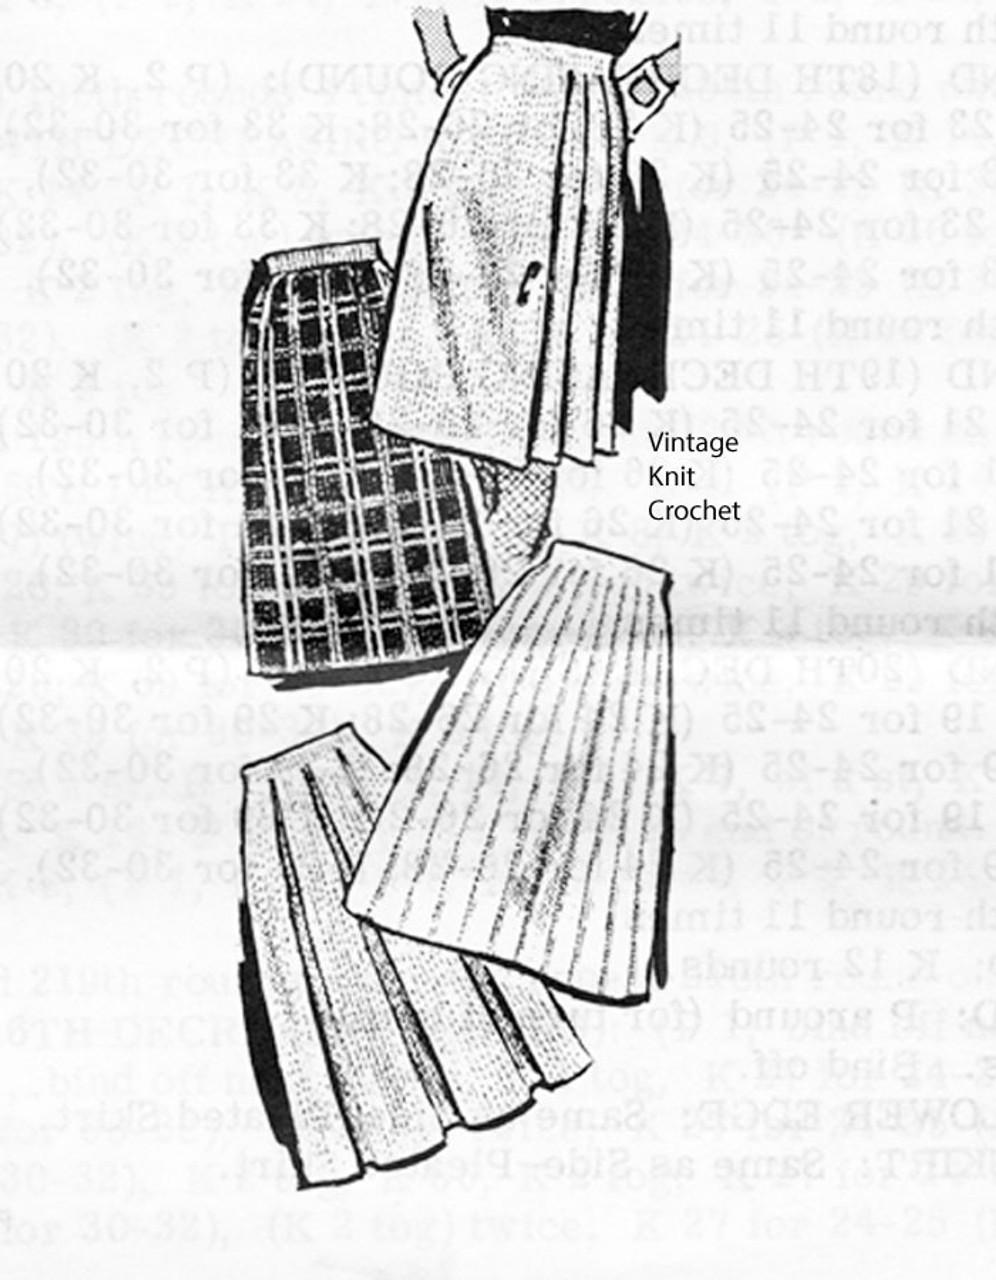 Knit Pleated Skirt Pattern in sports yarn, Laura wheeler 937